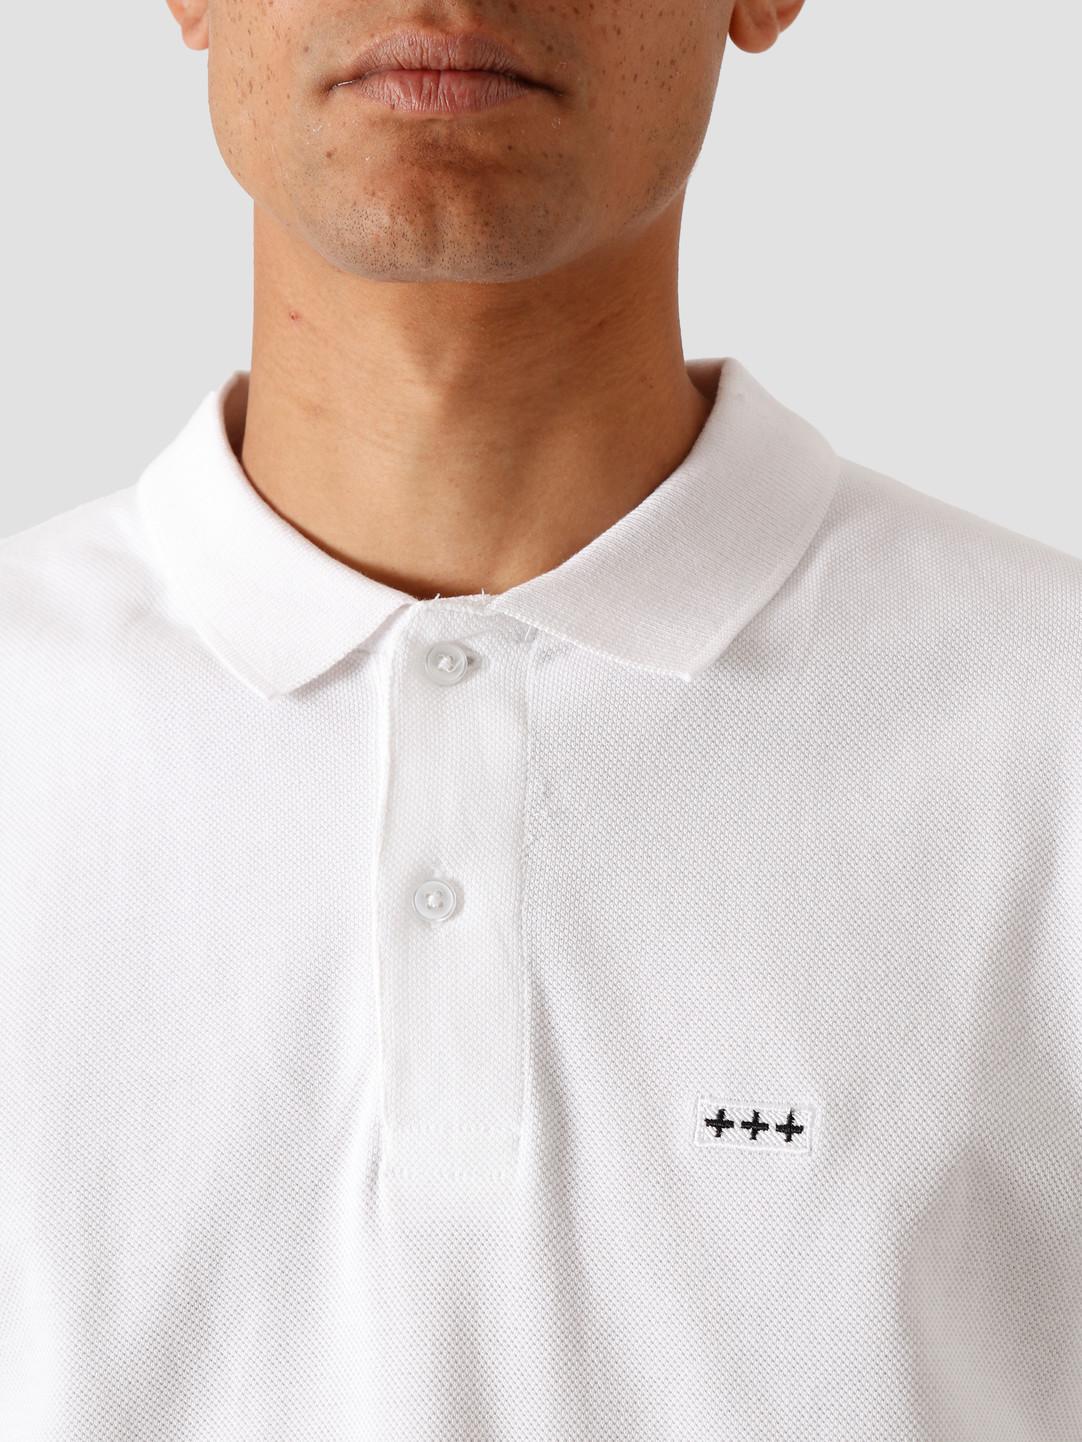 Quality Blanks Quality Blanks QB50 Polo White